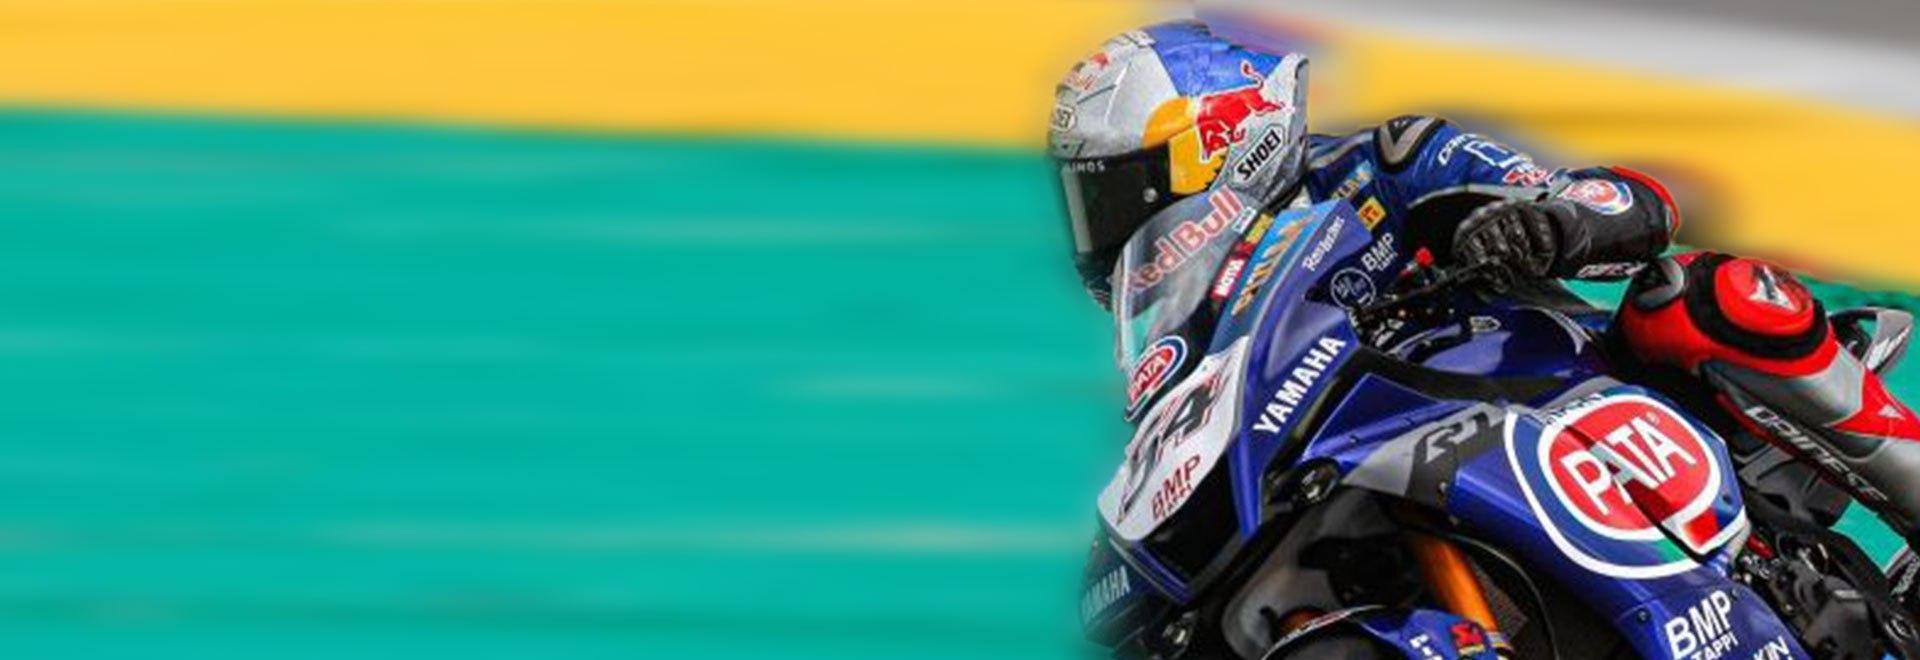 Qatar Race2